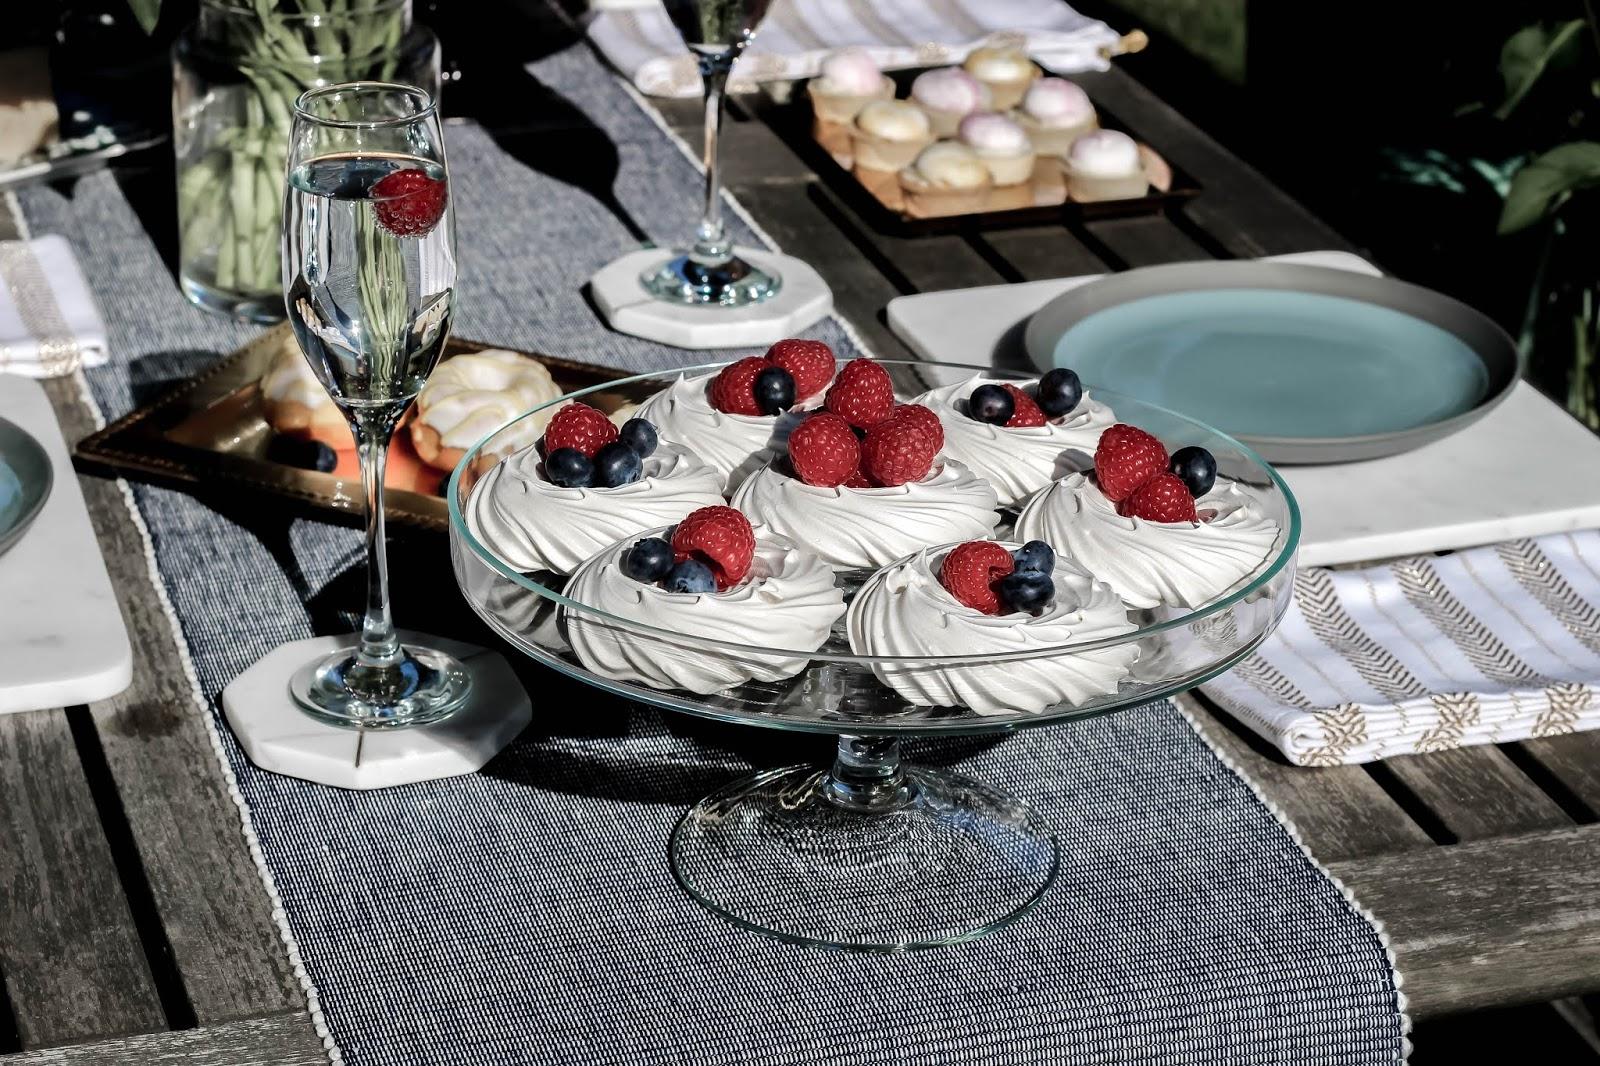 Pretty Food Plate of Meringues